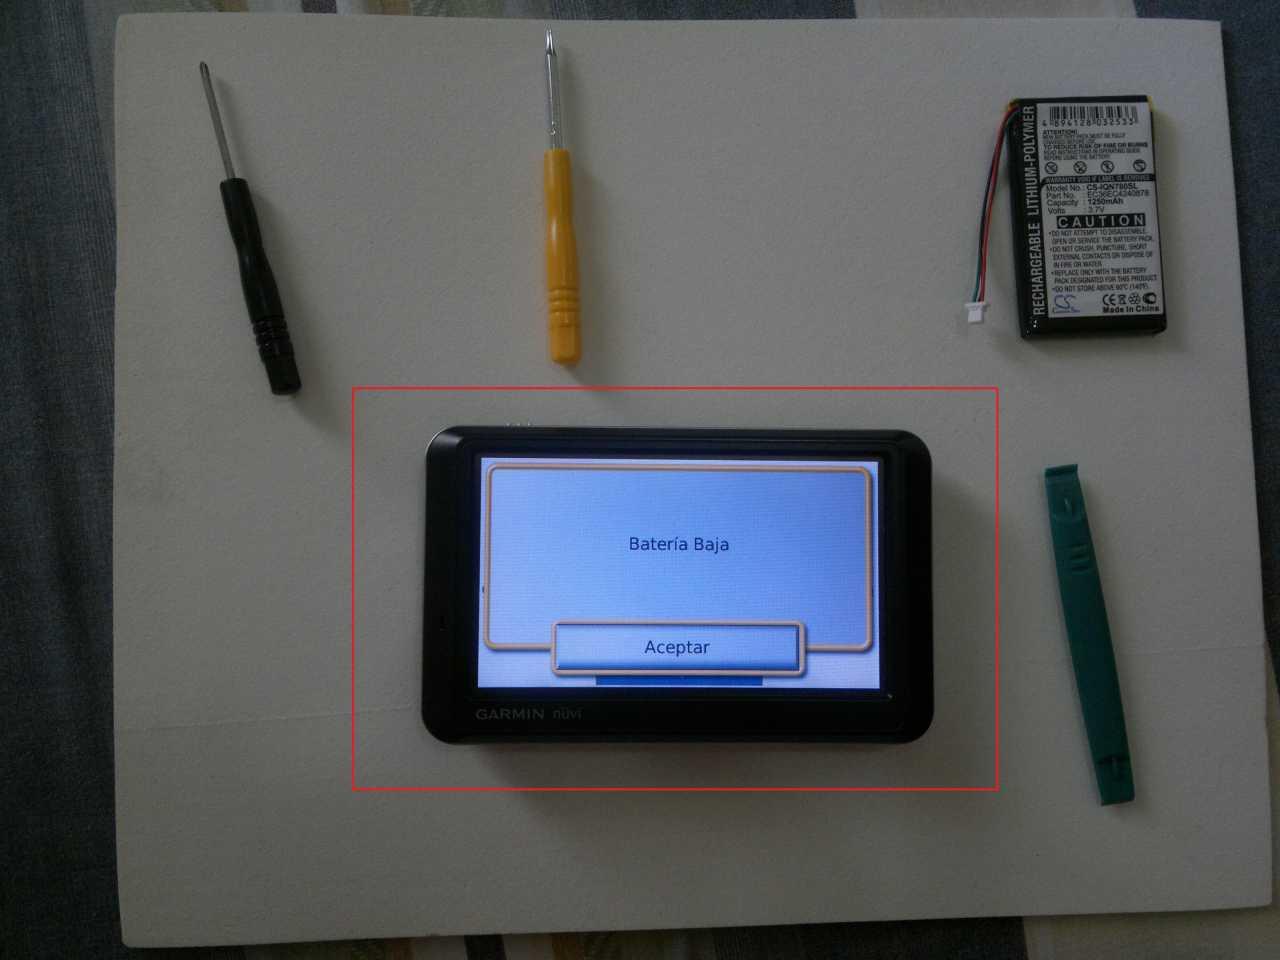 GPSYV-Reemplazodebateranuvi78001.jpg